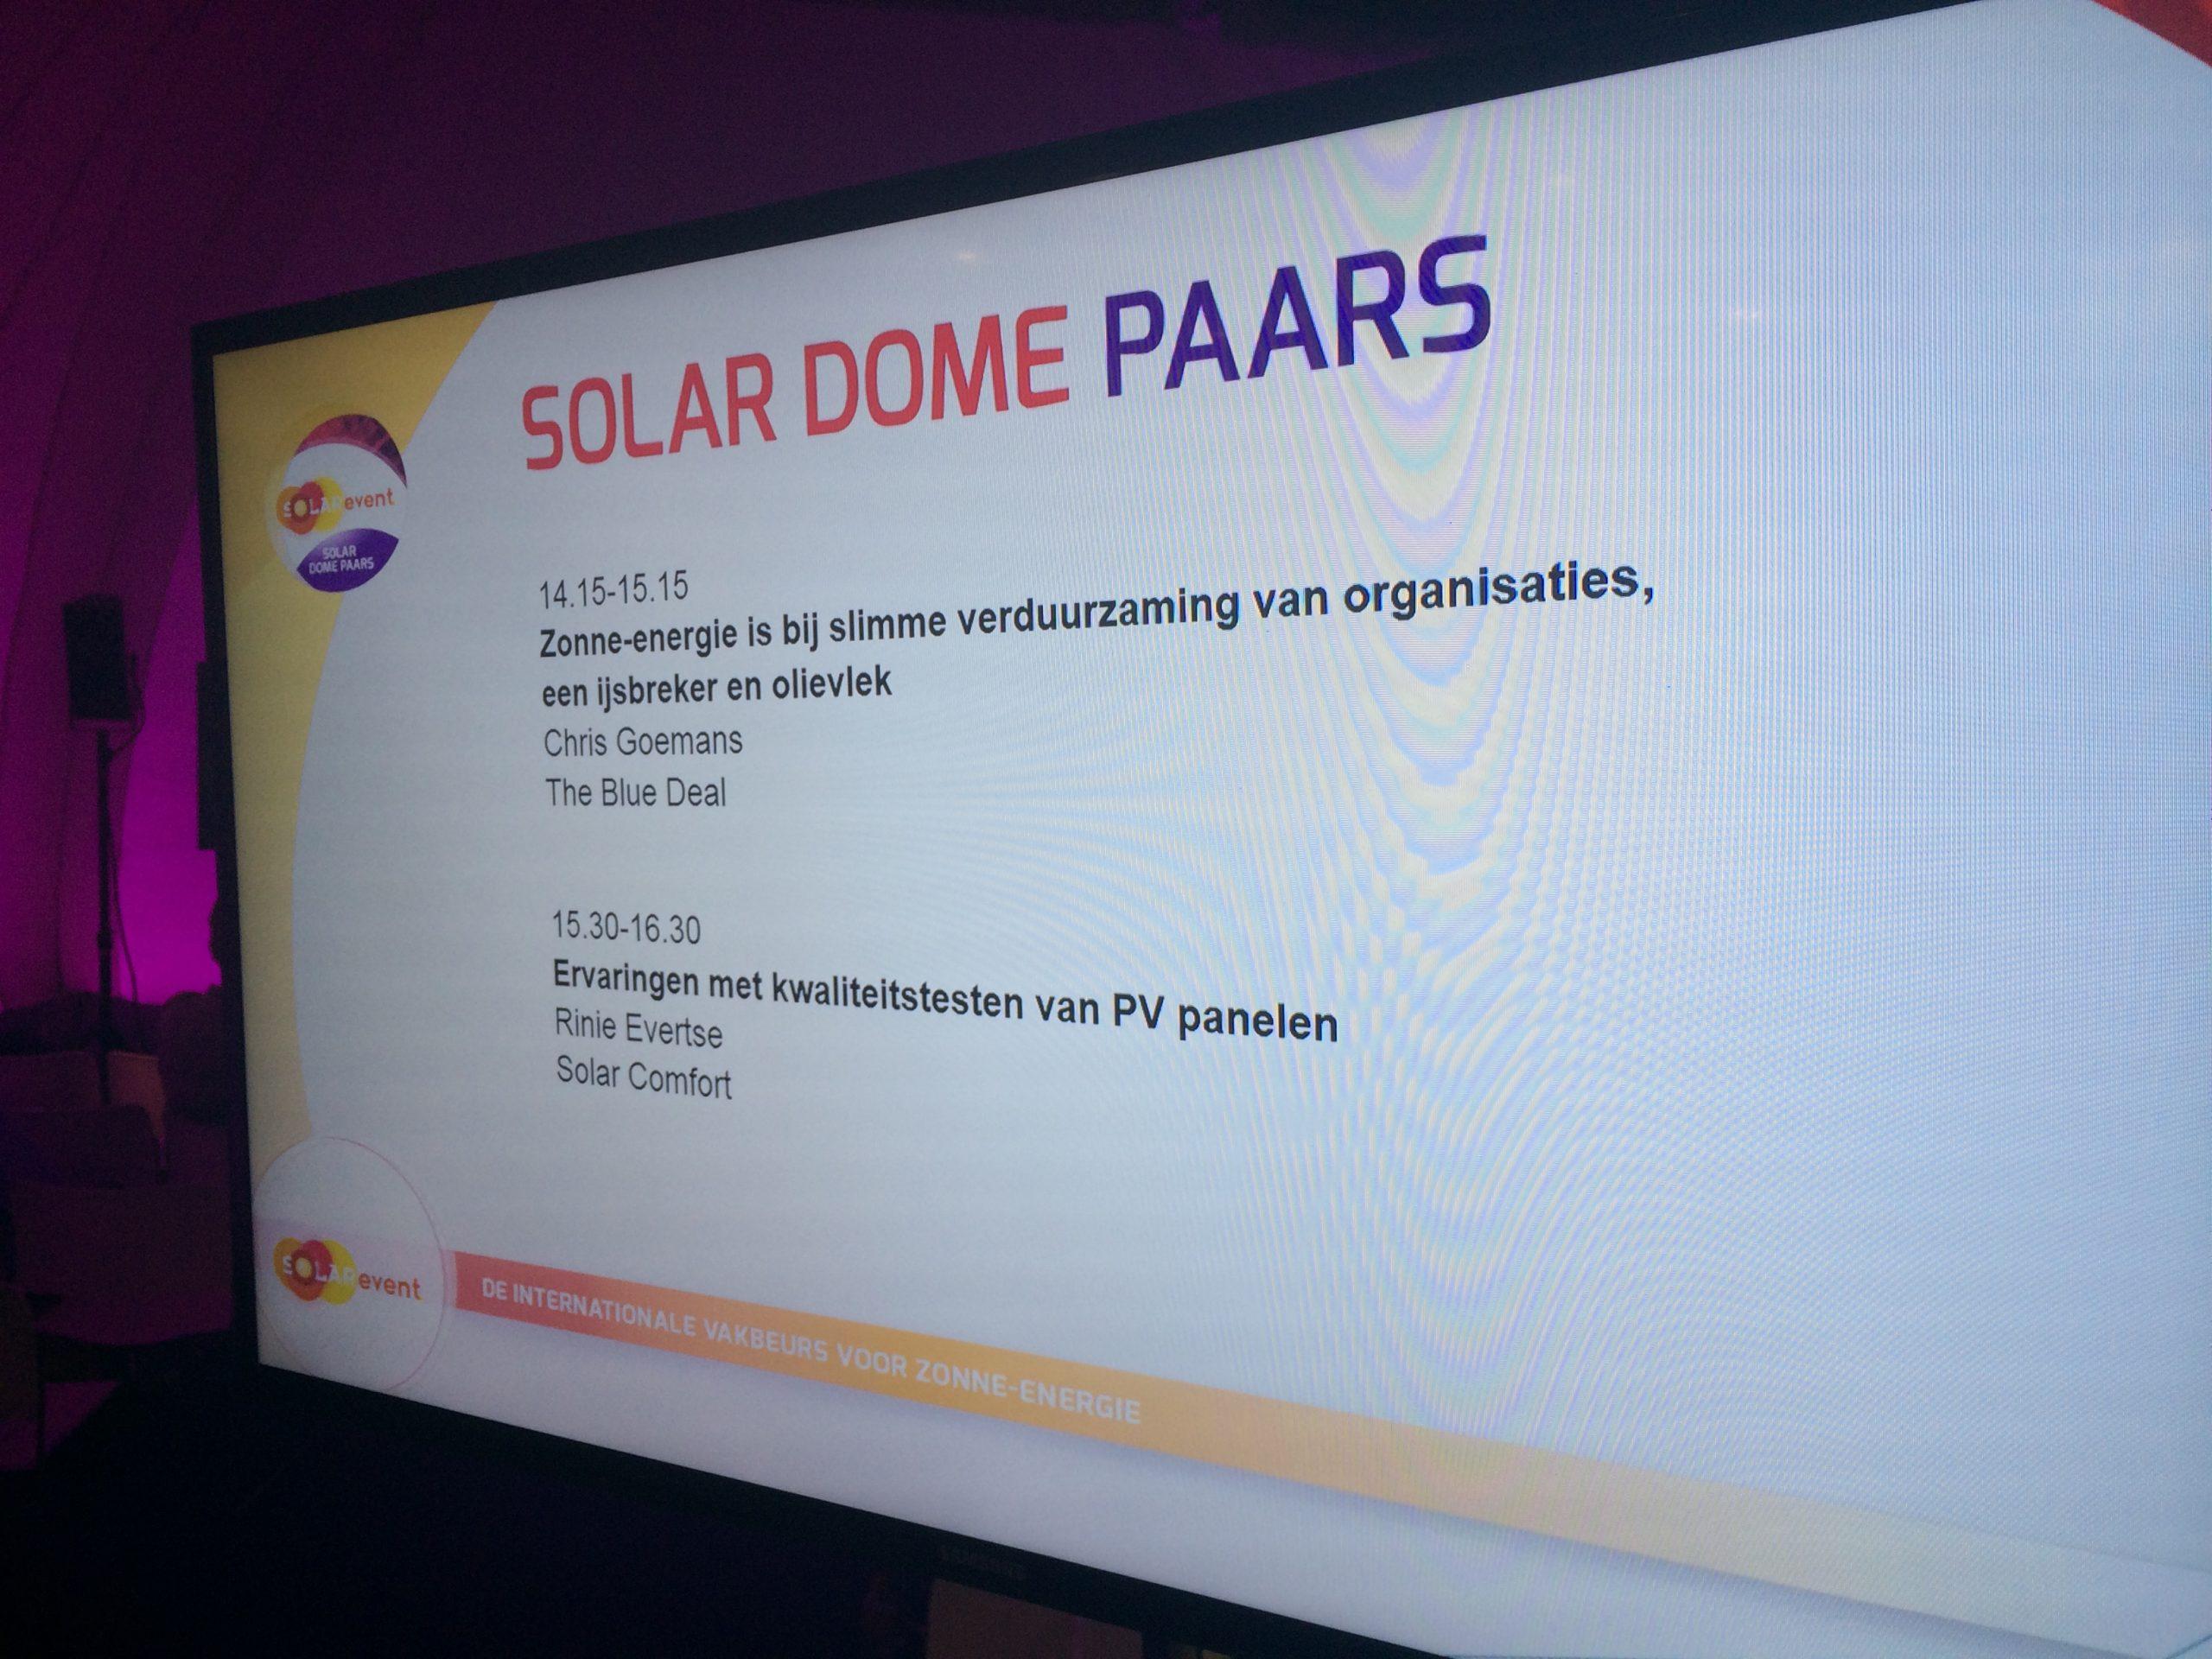 Presentatie Rinie Evertse over het testen van zonnepanelen van SolarComfort